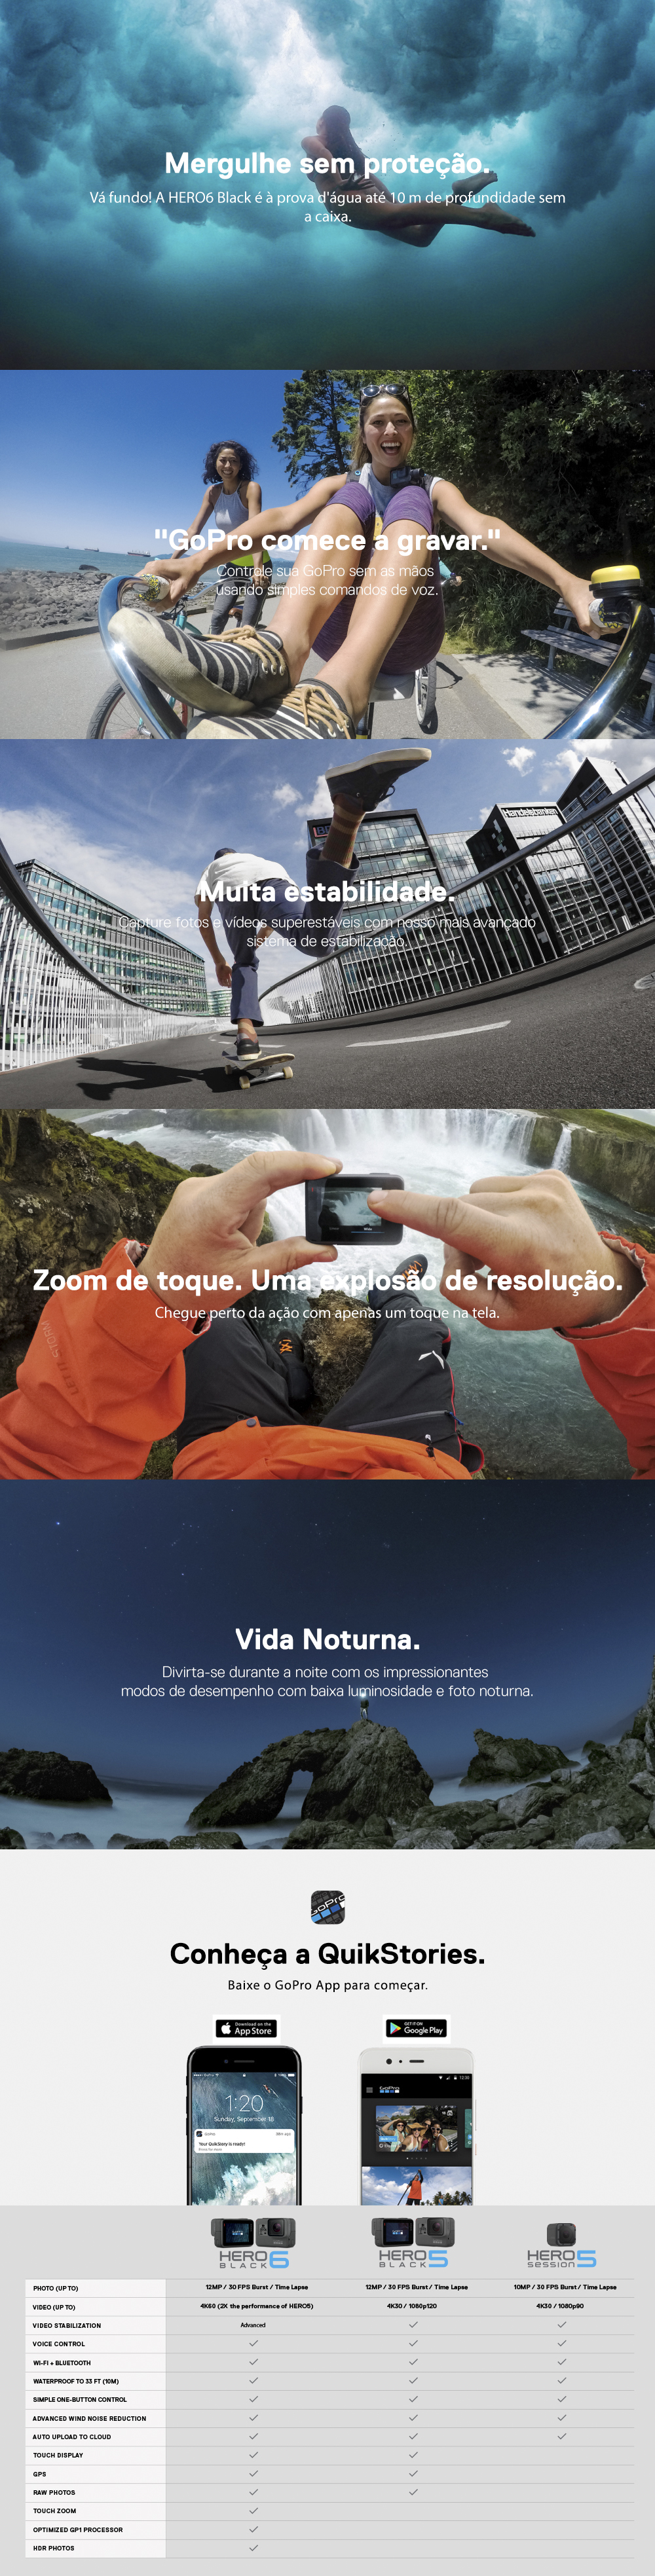 Imagem de divulgação - Linha GoPro